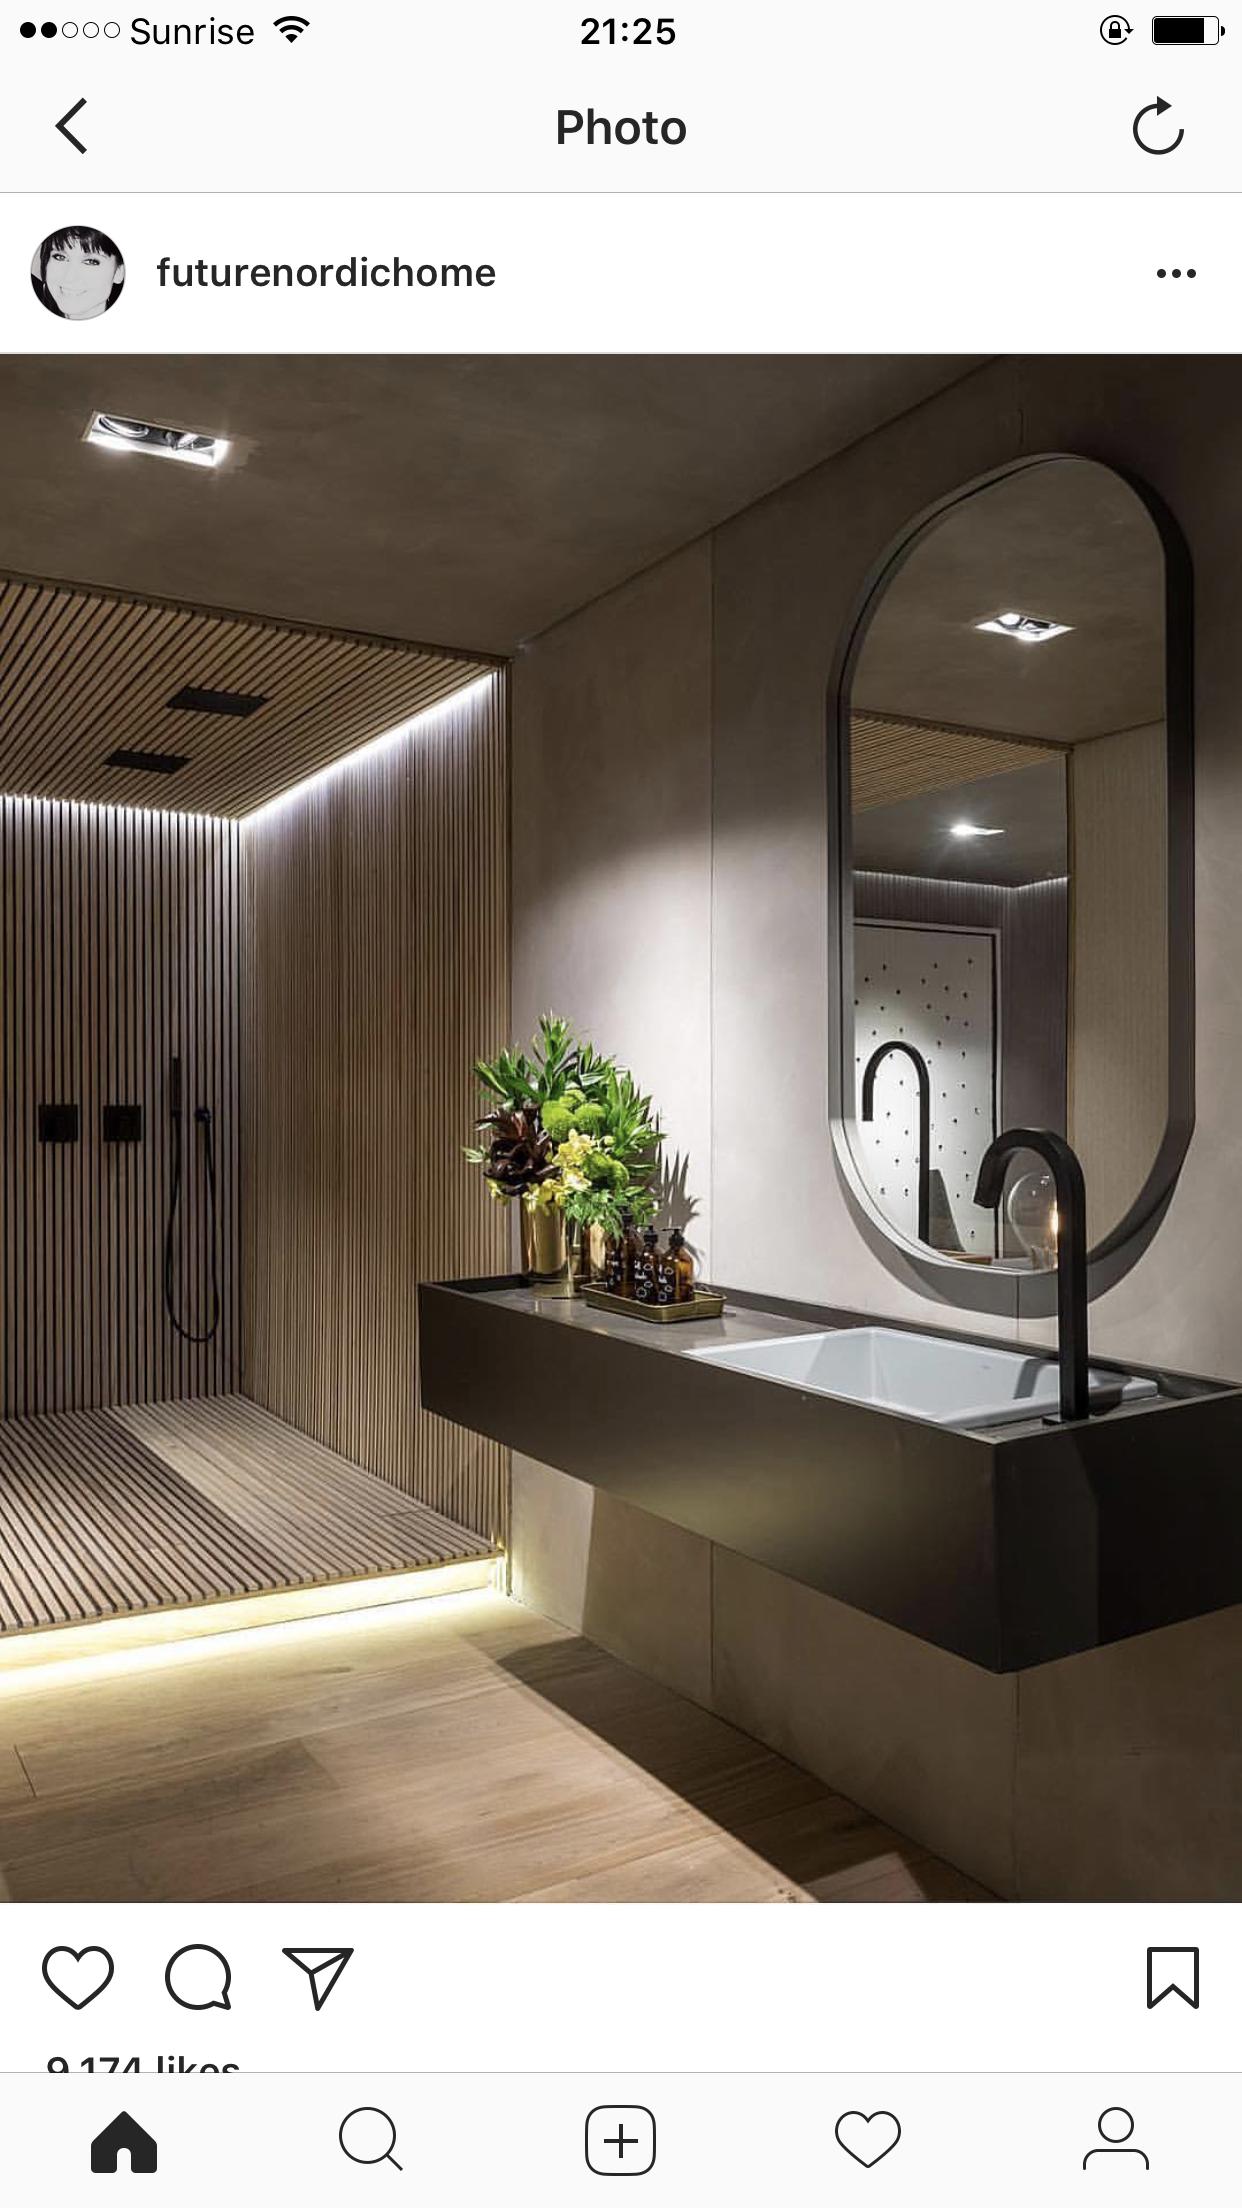 Kleines hotelbadezimmerdesign credit futurenordichome  kleine badezimmer  pinterest